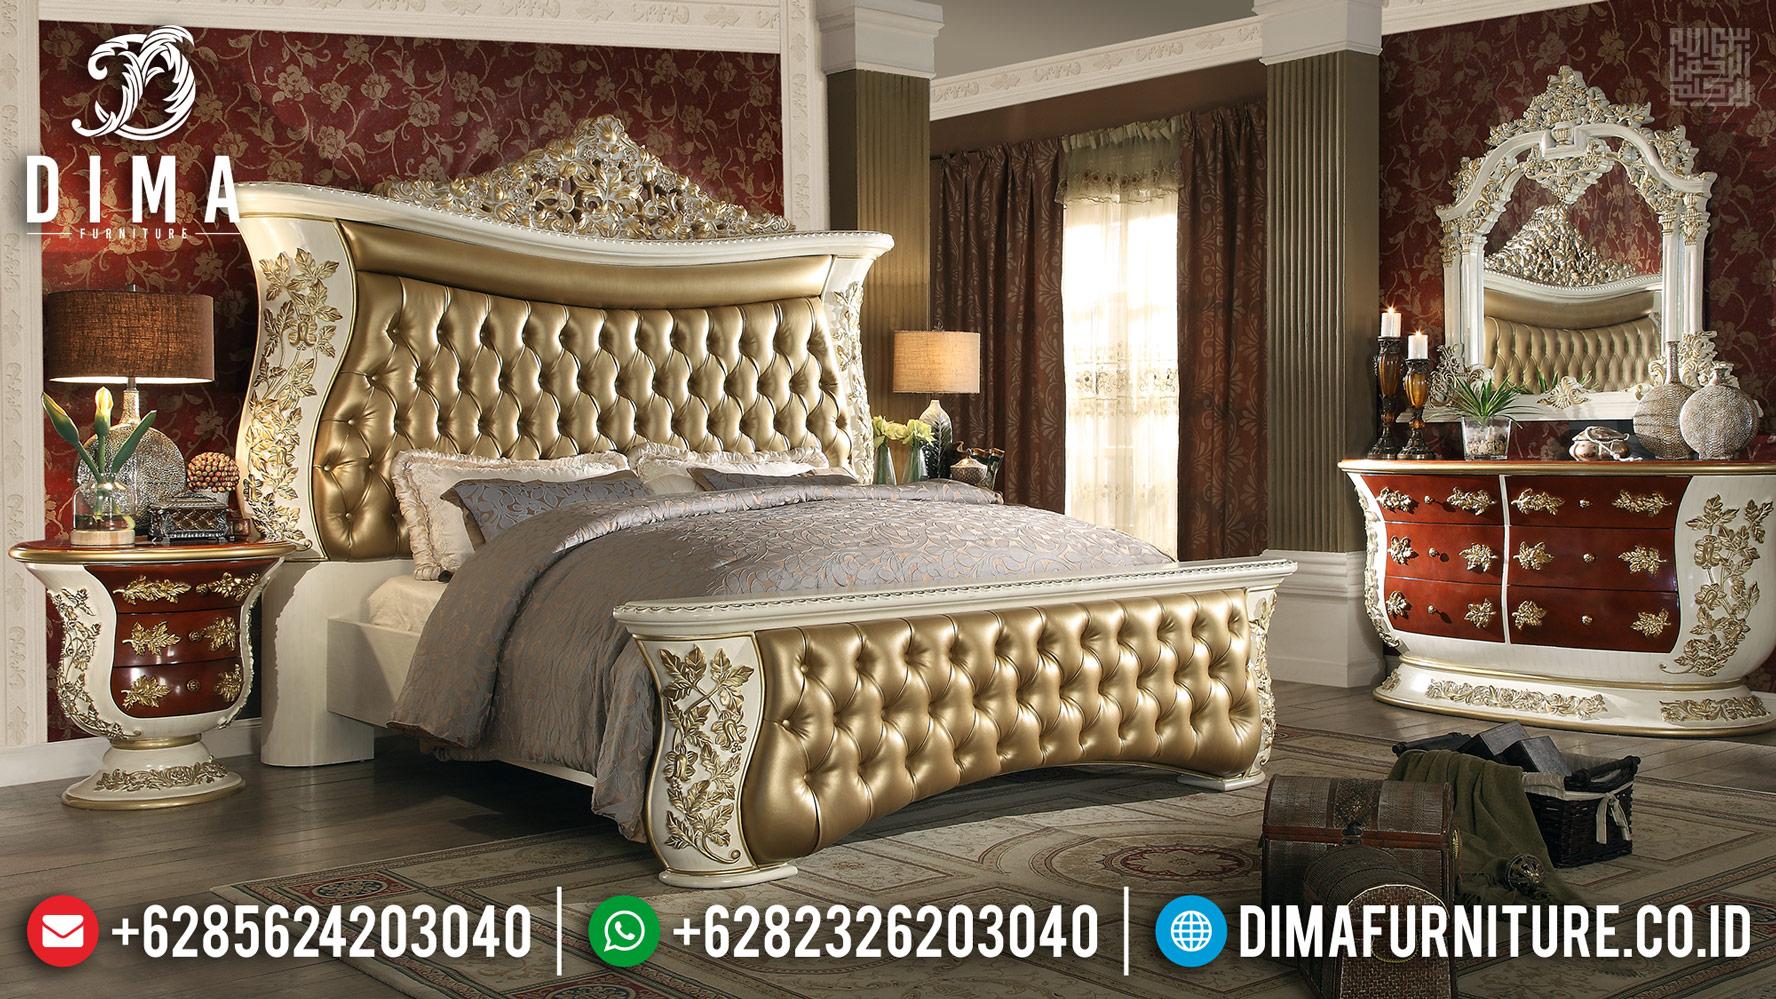 Discount Item!!! Tempat Tidur Mewah Luxury Carving Made In Jepara Asli BT-0384